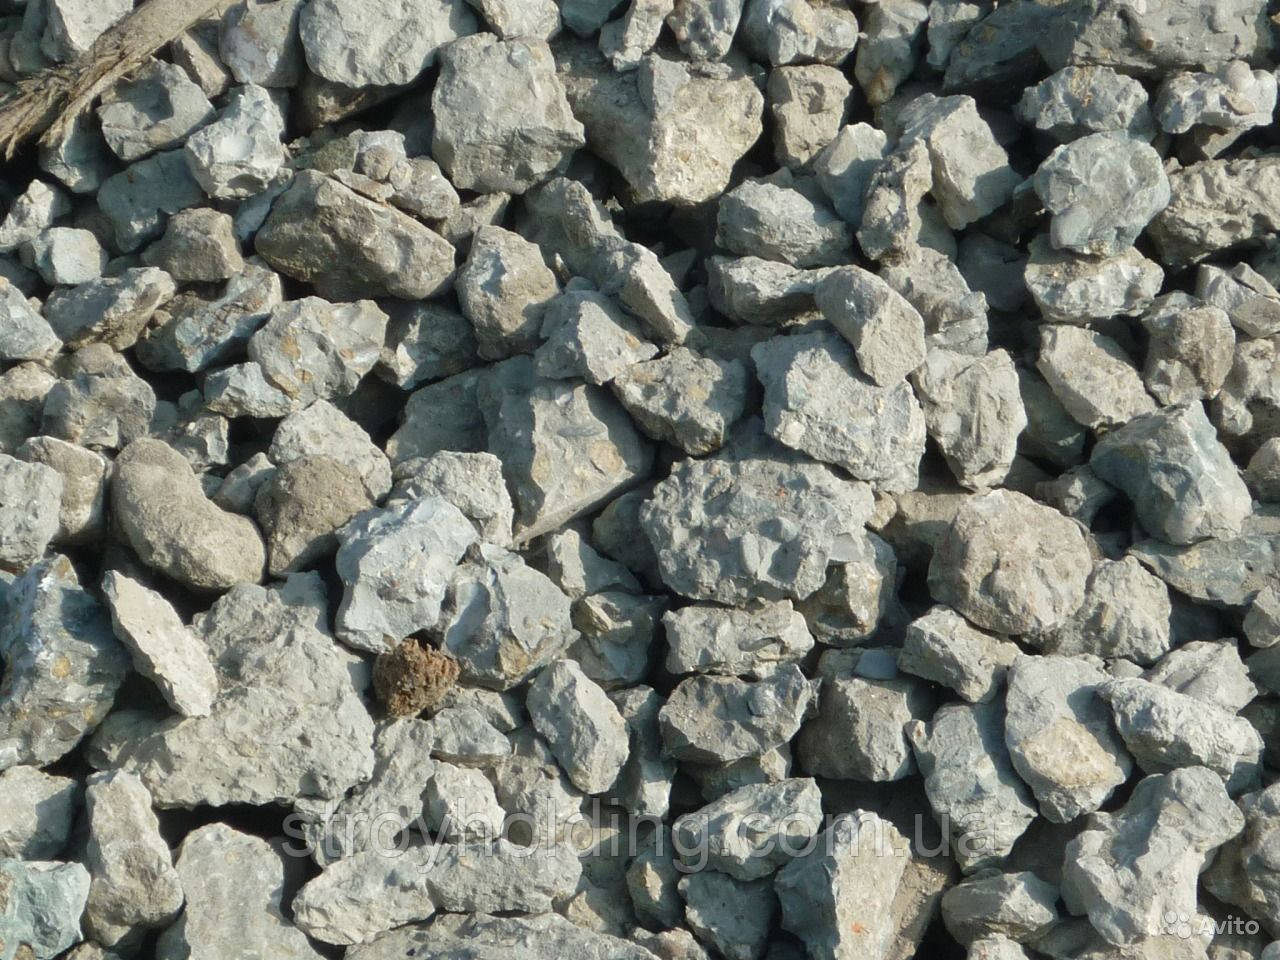 Бетона дробленный купить пластификаторы бетона